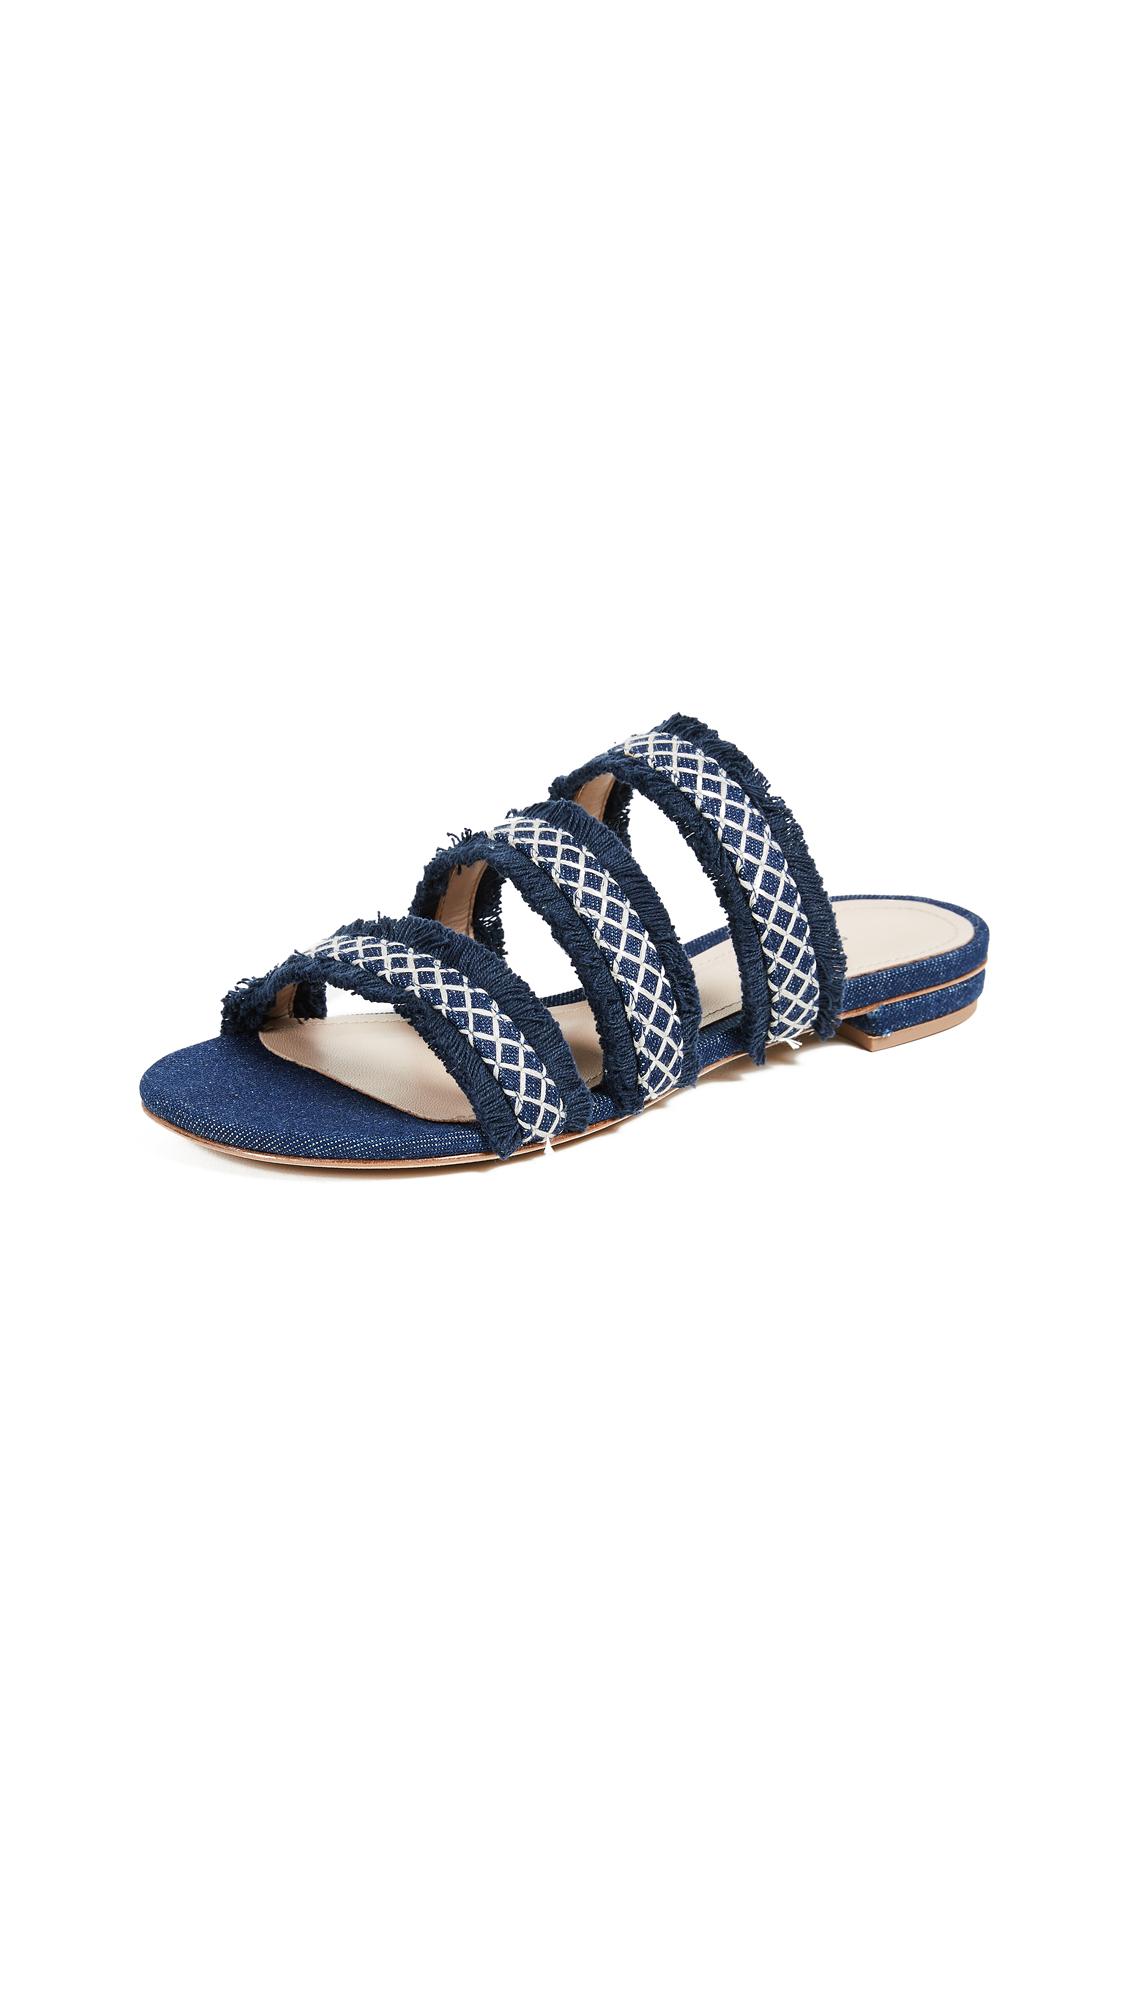 Schutz Jackeila Strappy Flat Slides - Blue